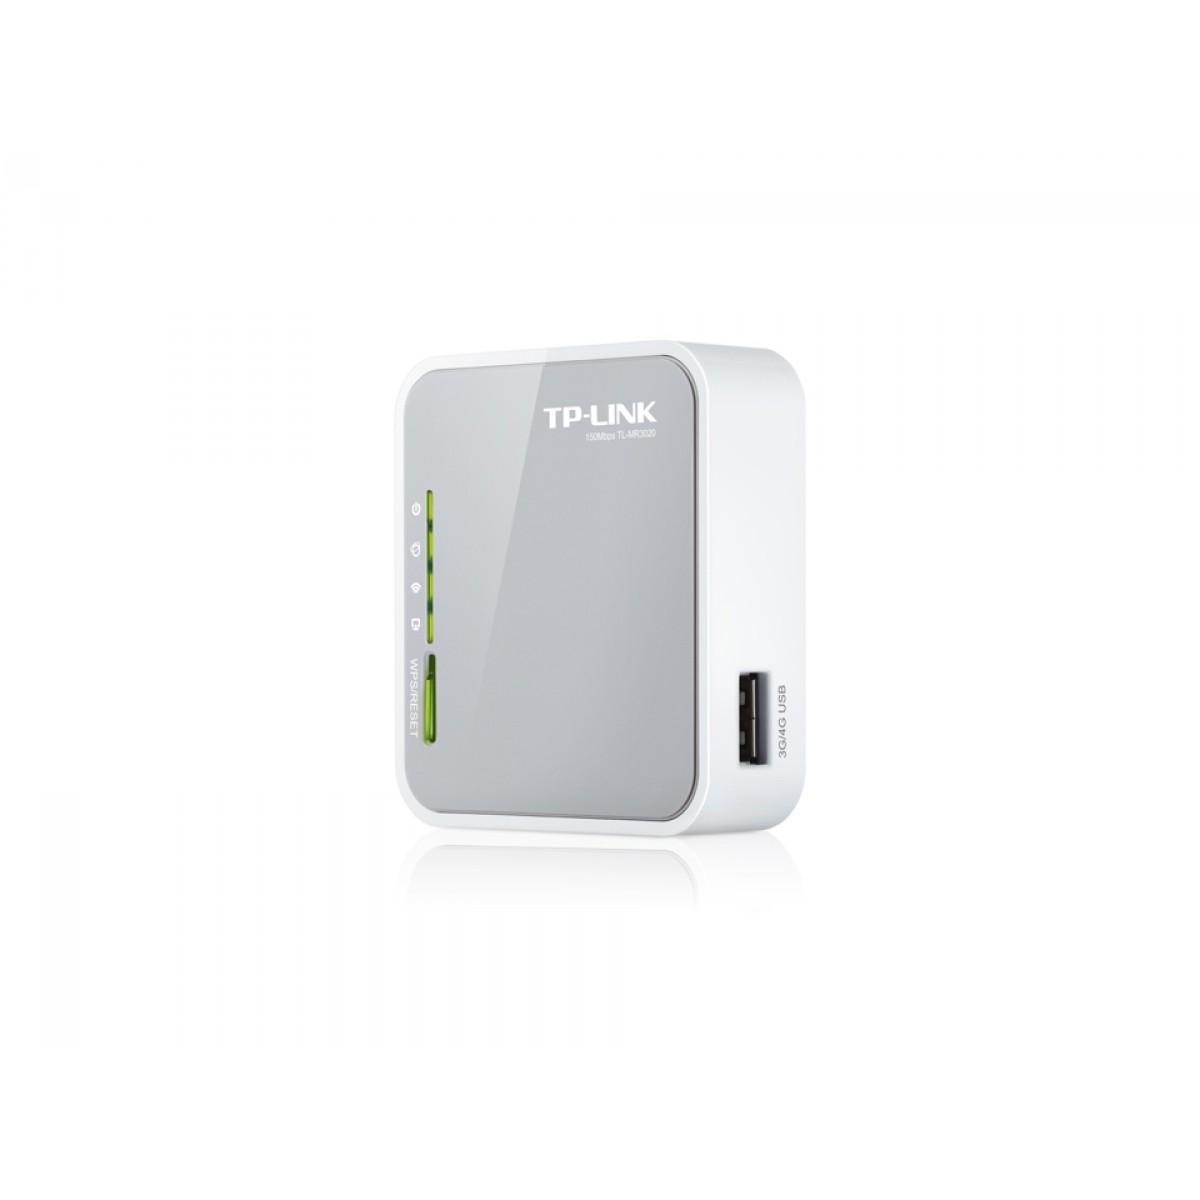 Roteador Portátil TP-Link, 300Mbps, 3G/4G, USB, TL-MR3020